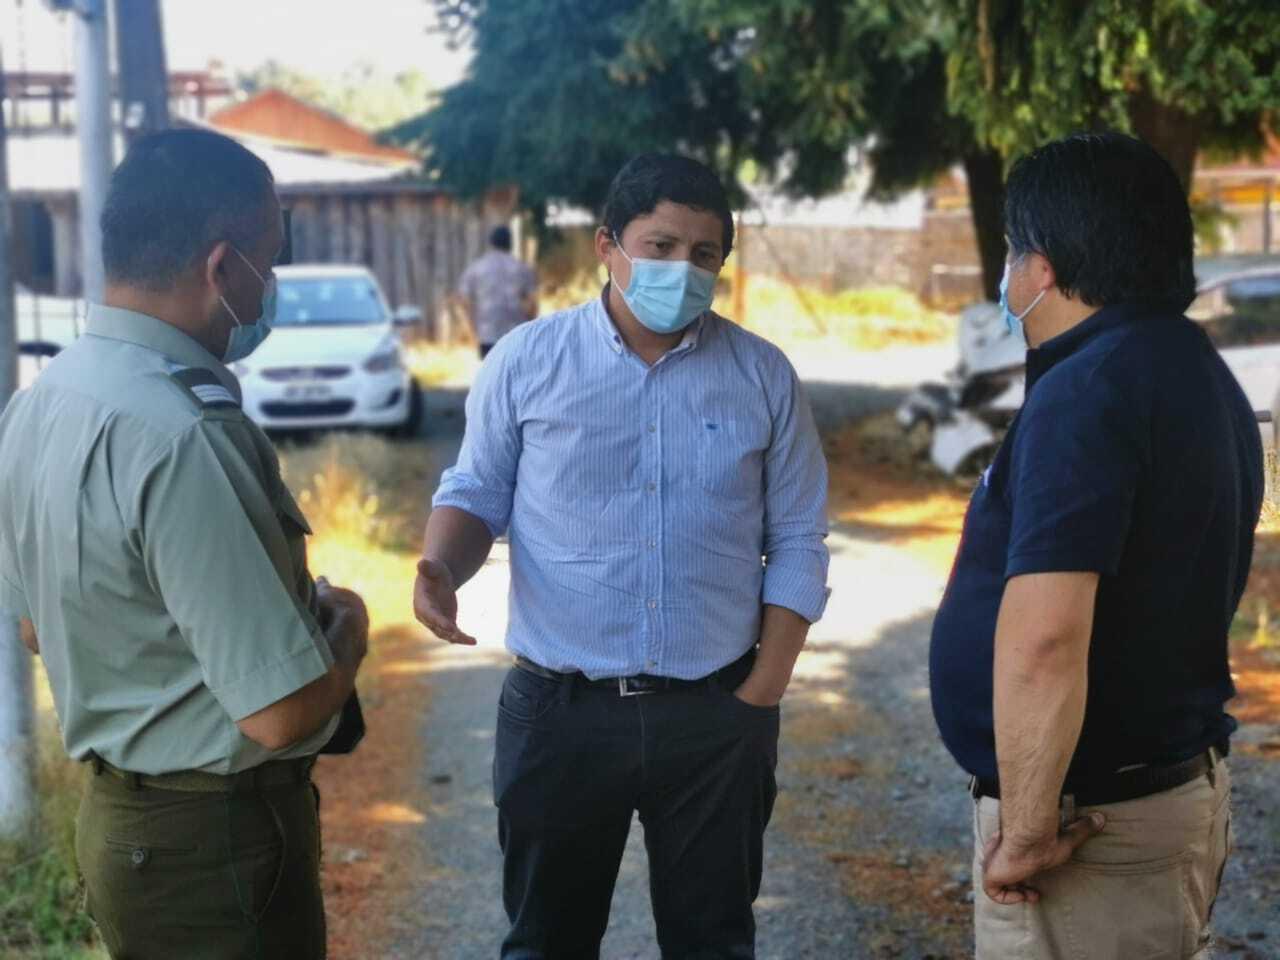 Mulchén en cuarentena: 21 vehículos y 10 peatones fueron devueltos a sus domicilios tras fiscalizaciones